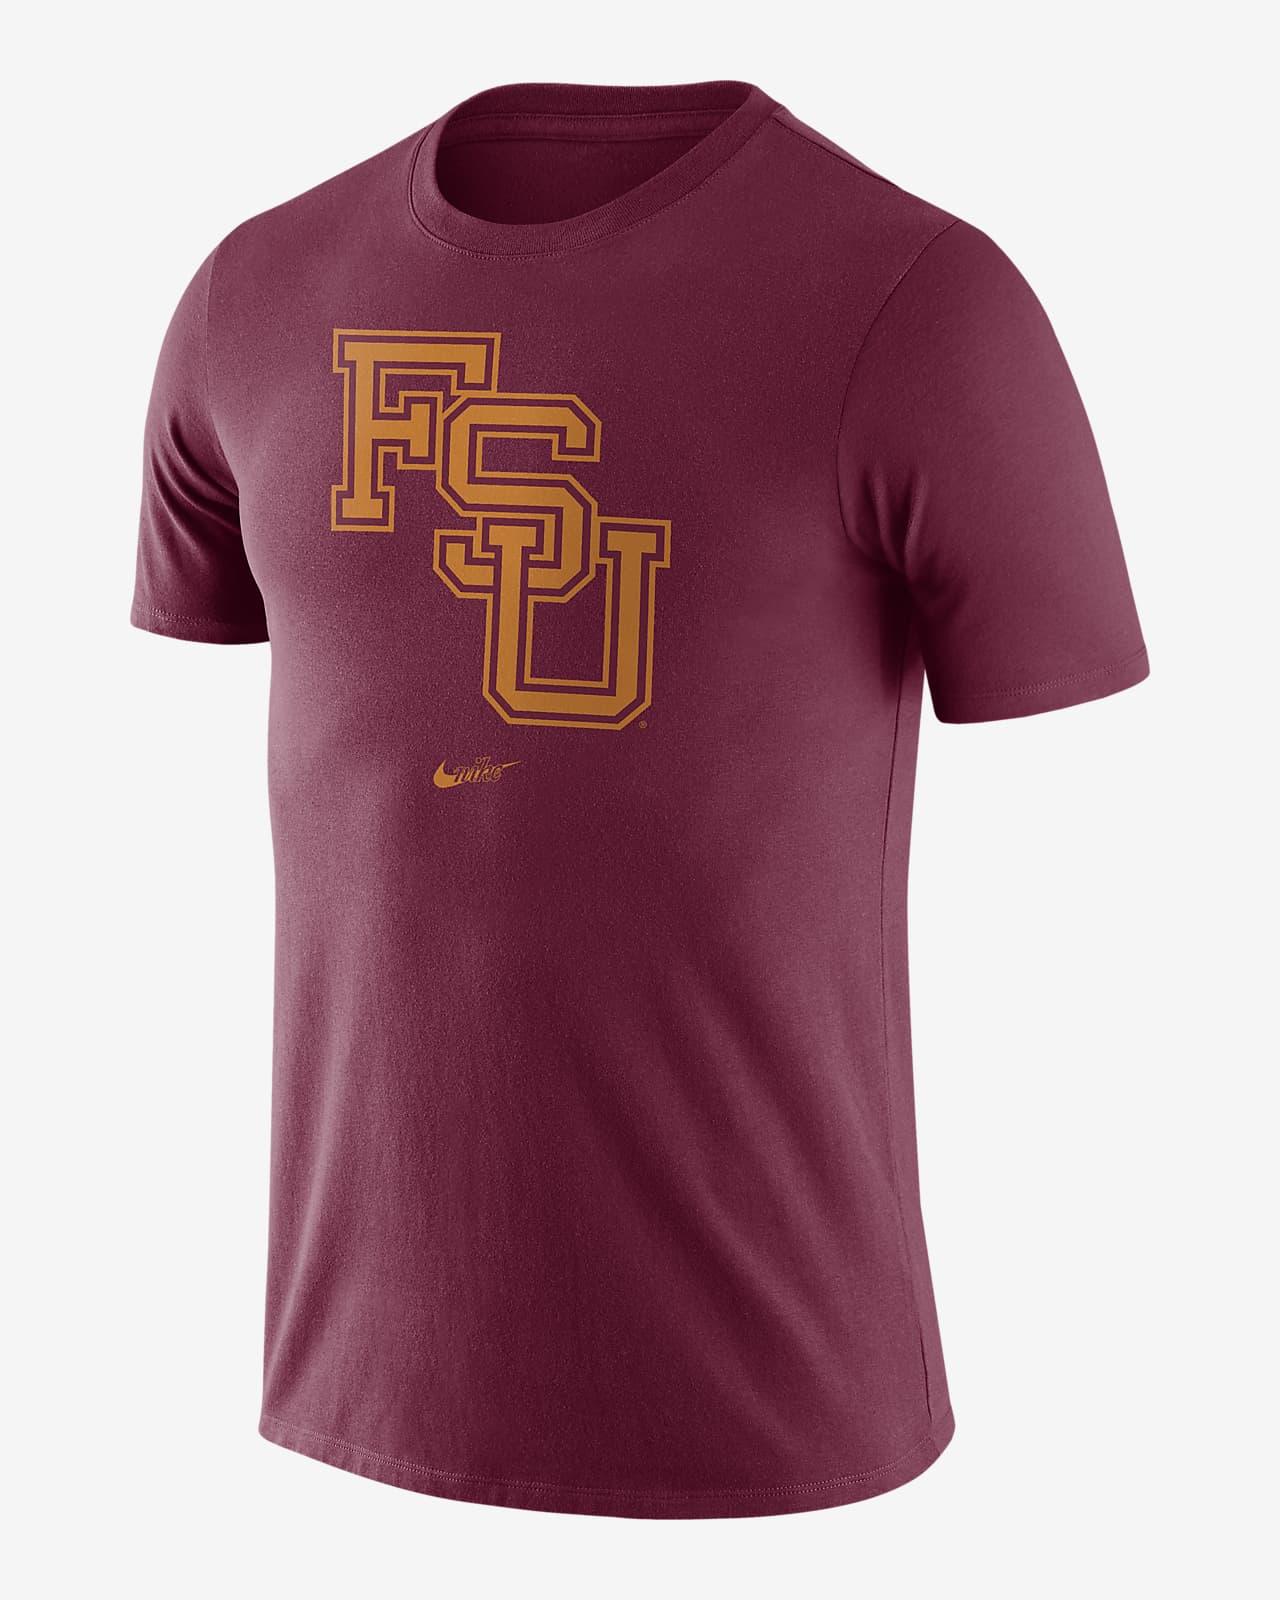 Nike College (Florida State) Men's Logo T-Shirt